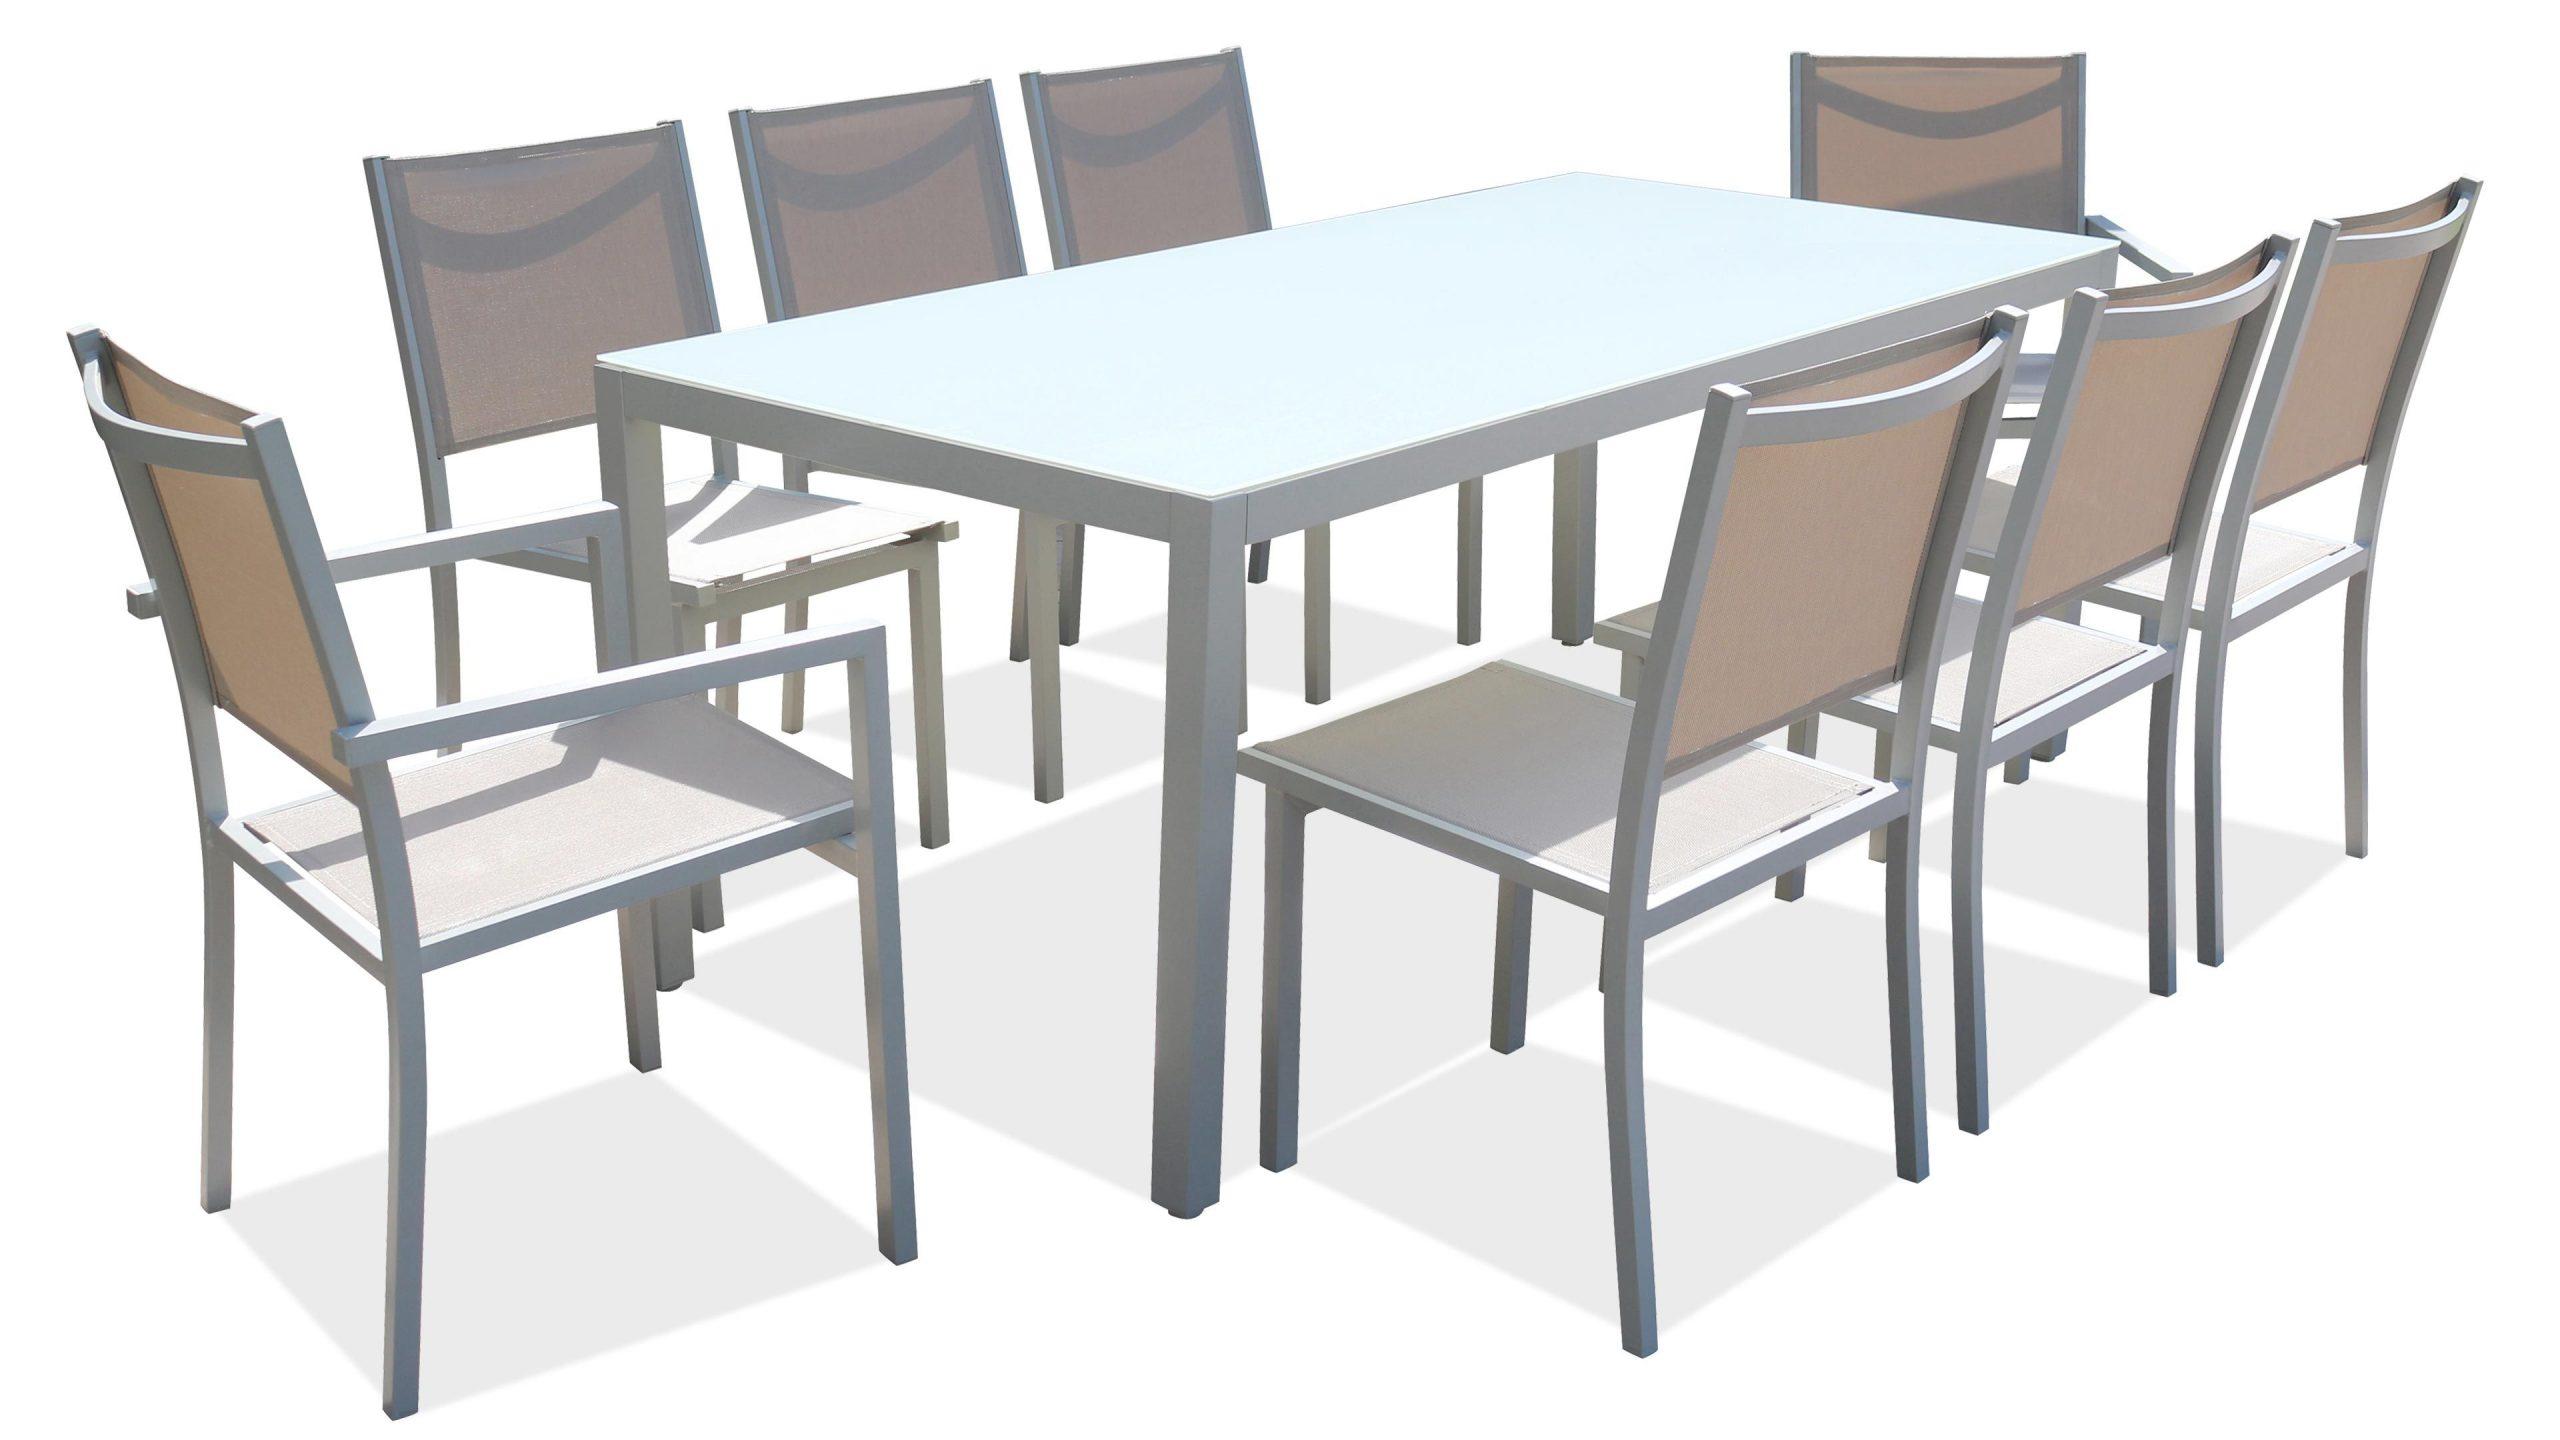 Salon De Jardin Aluminium Table De Jardin 8 Places encequiconcerne Table De Jardin En Alu